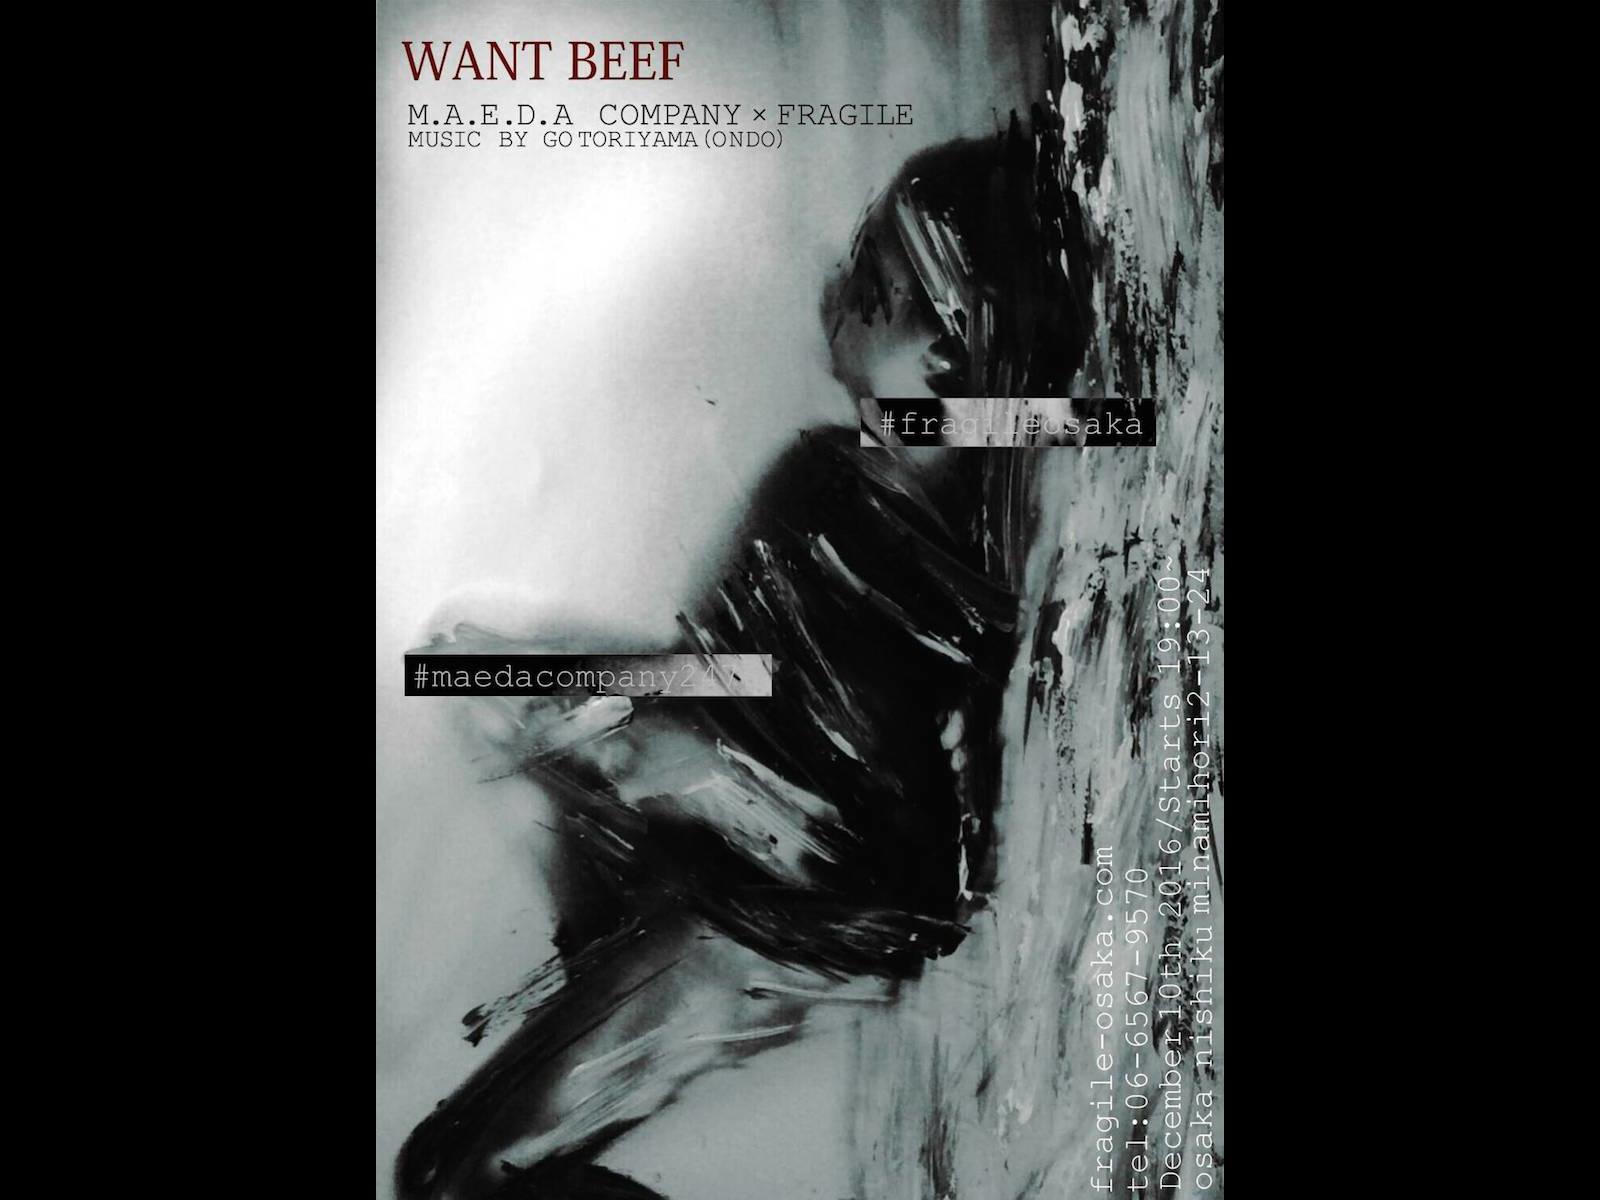 """明日開催!M.A.E.D.A COMPANY×FRAGILE インストアイベント """"WANT BEEF"""""""